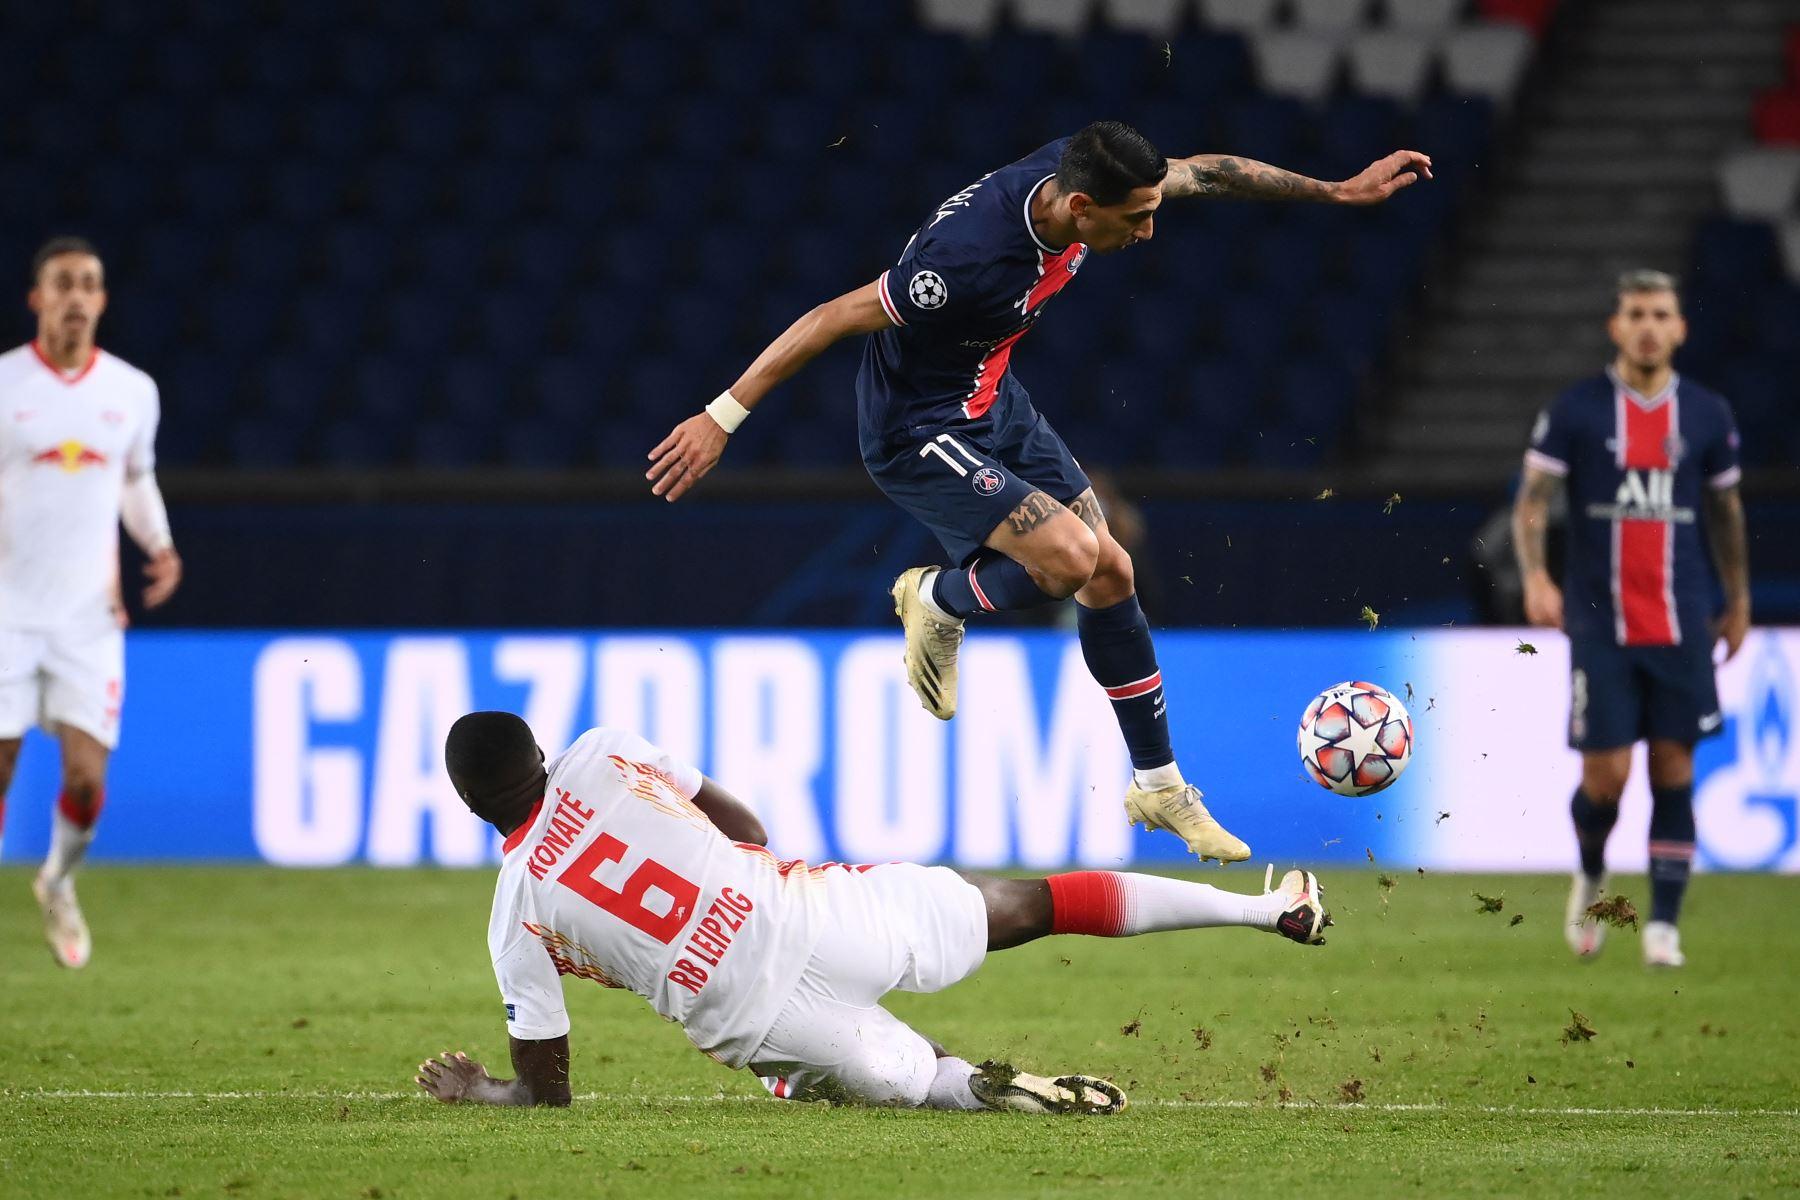 El centrocampista argentino del Paris Saint-Germain Angel Di Maria compite por el balón con el defensor francés del Leipzig Ibrahima Konate durante el grupo H de la Liga de Campeones de la UEFA. Foto: AFP